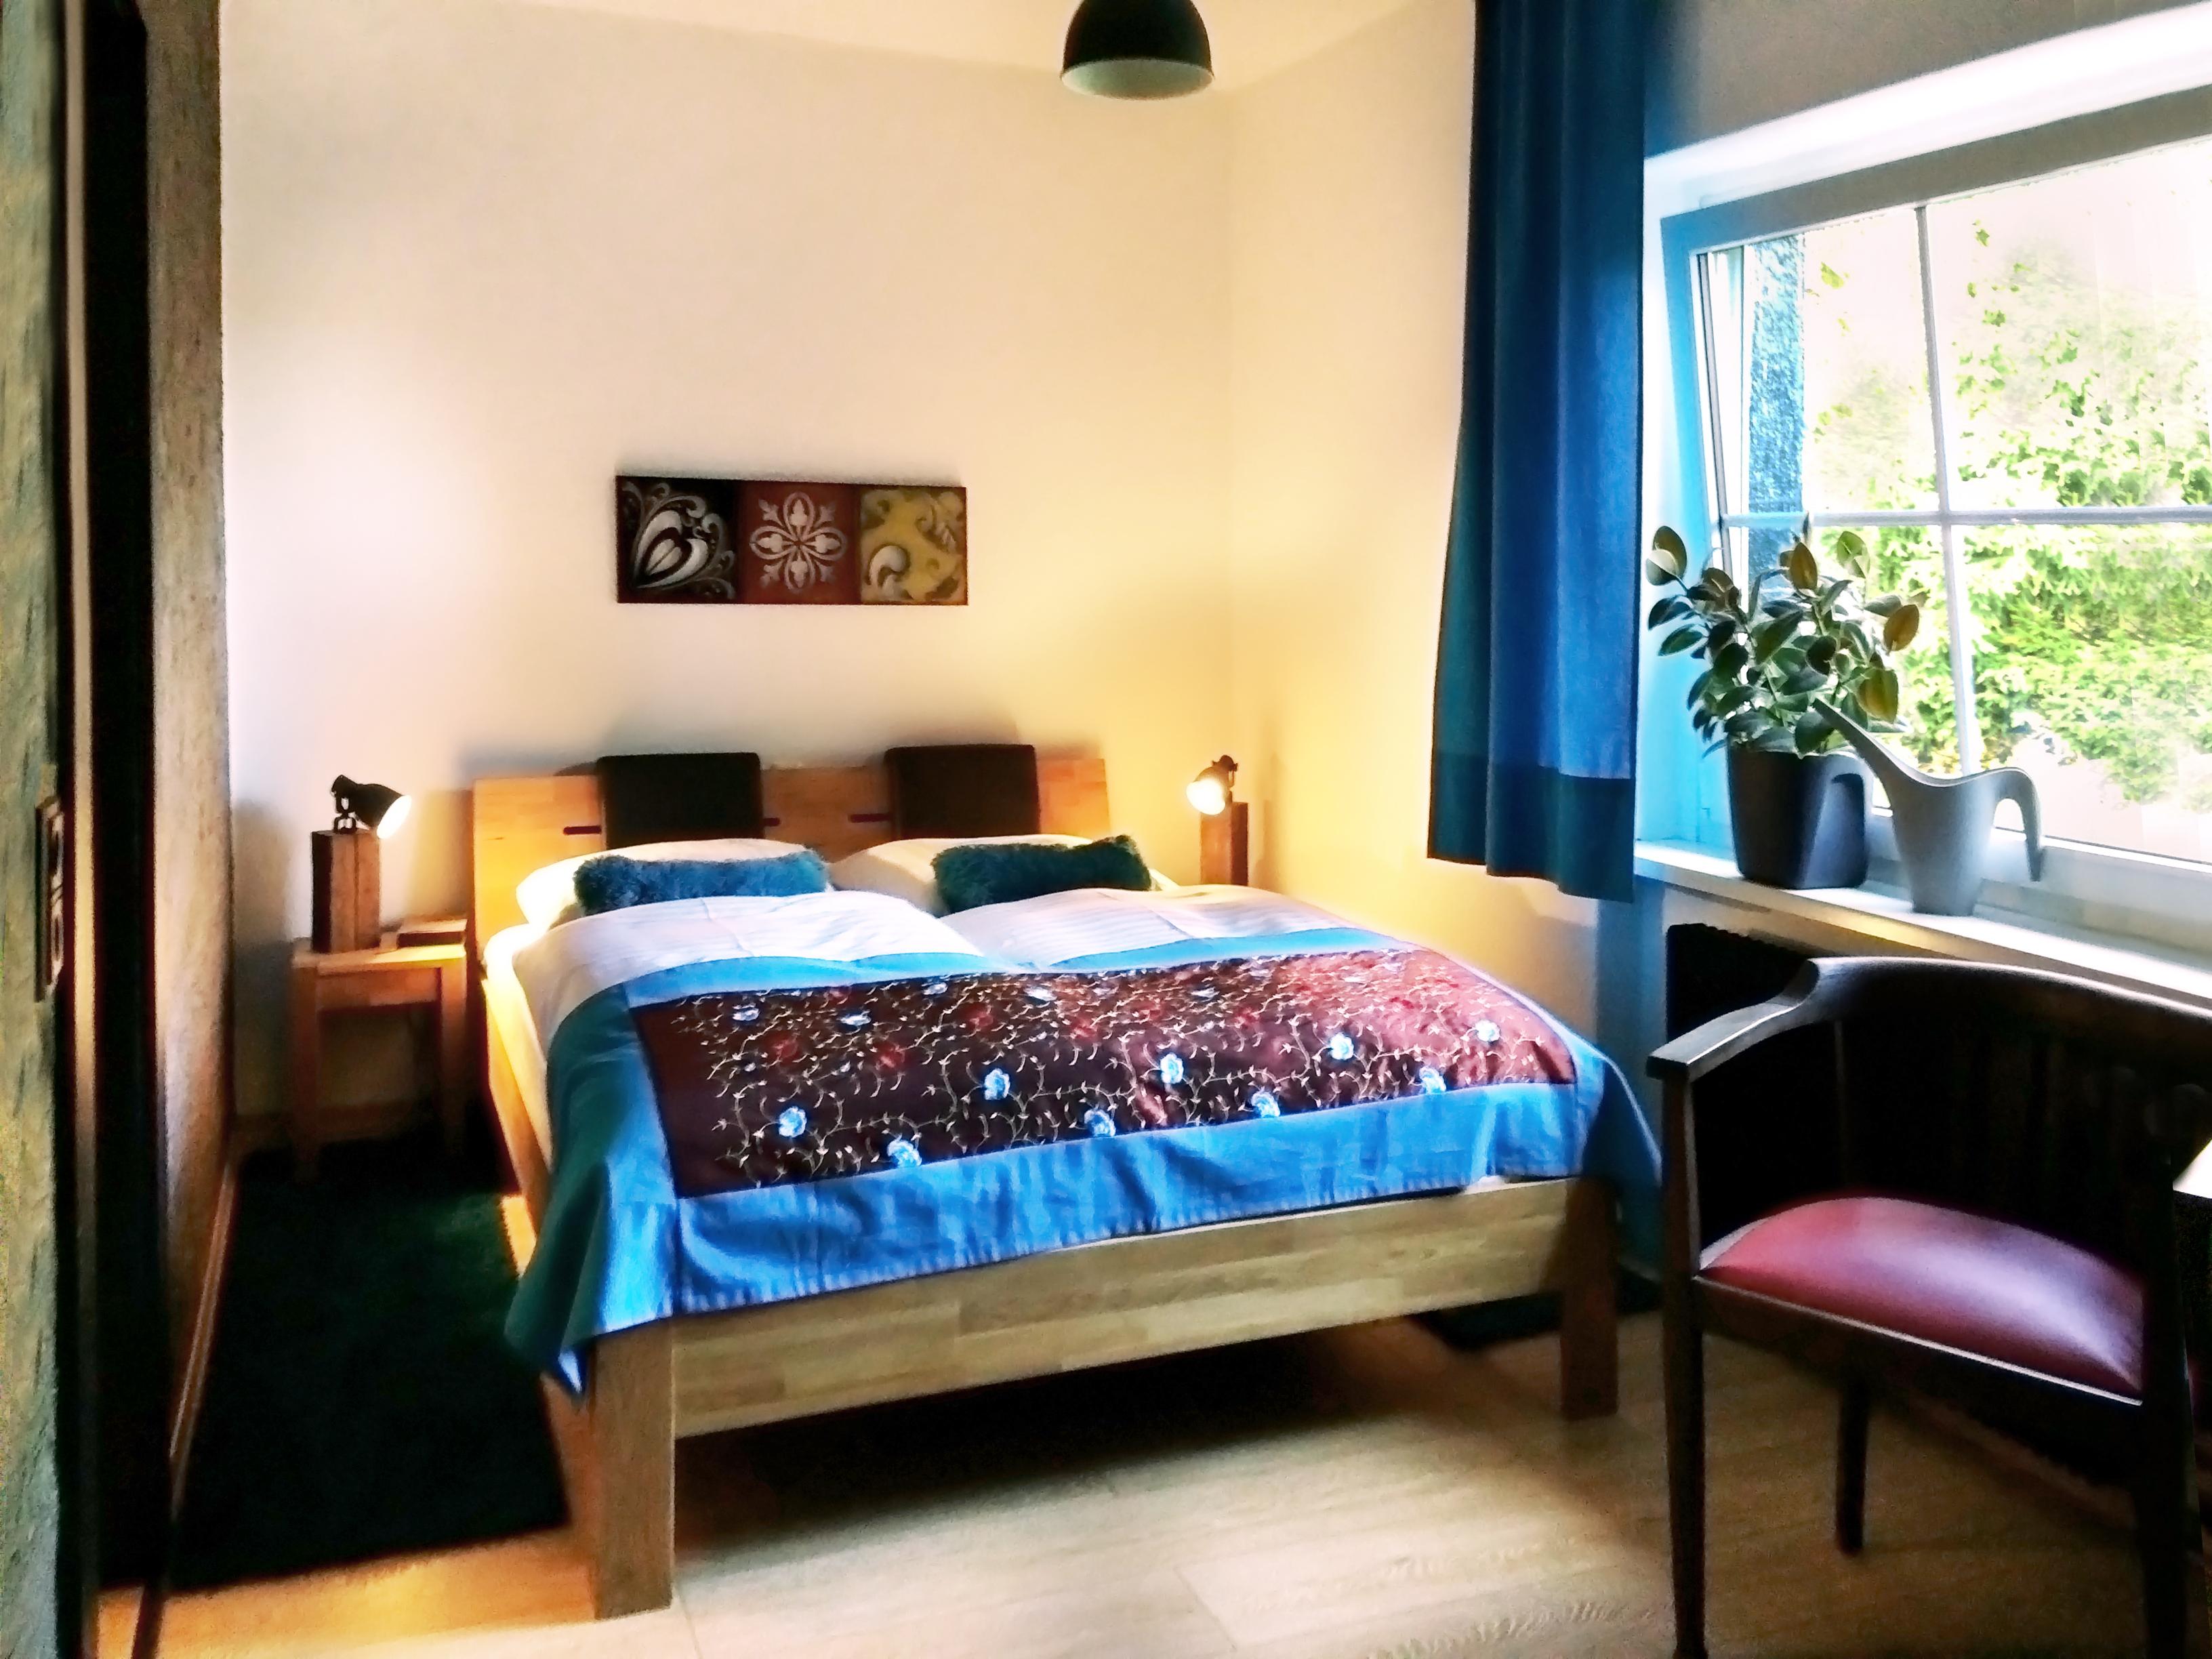 Schlafbereich-Ferienwohnung-Elfriede-Ferienhaus-Oberbaerenburg-Altenberg